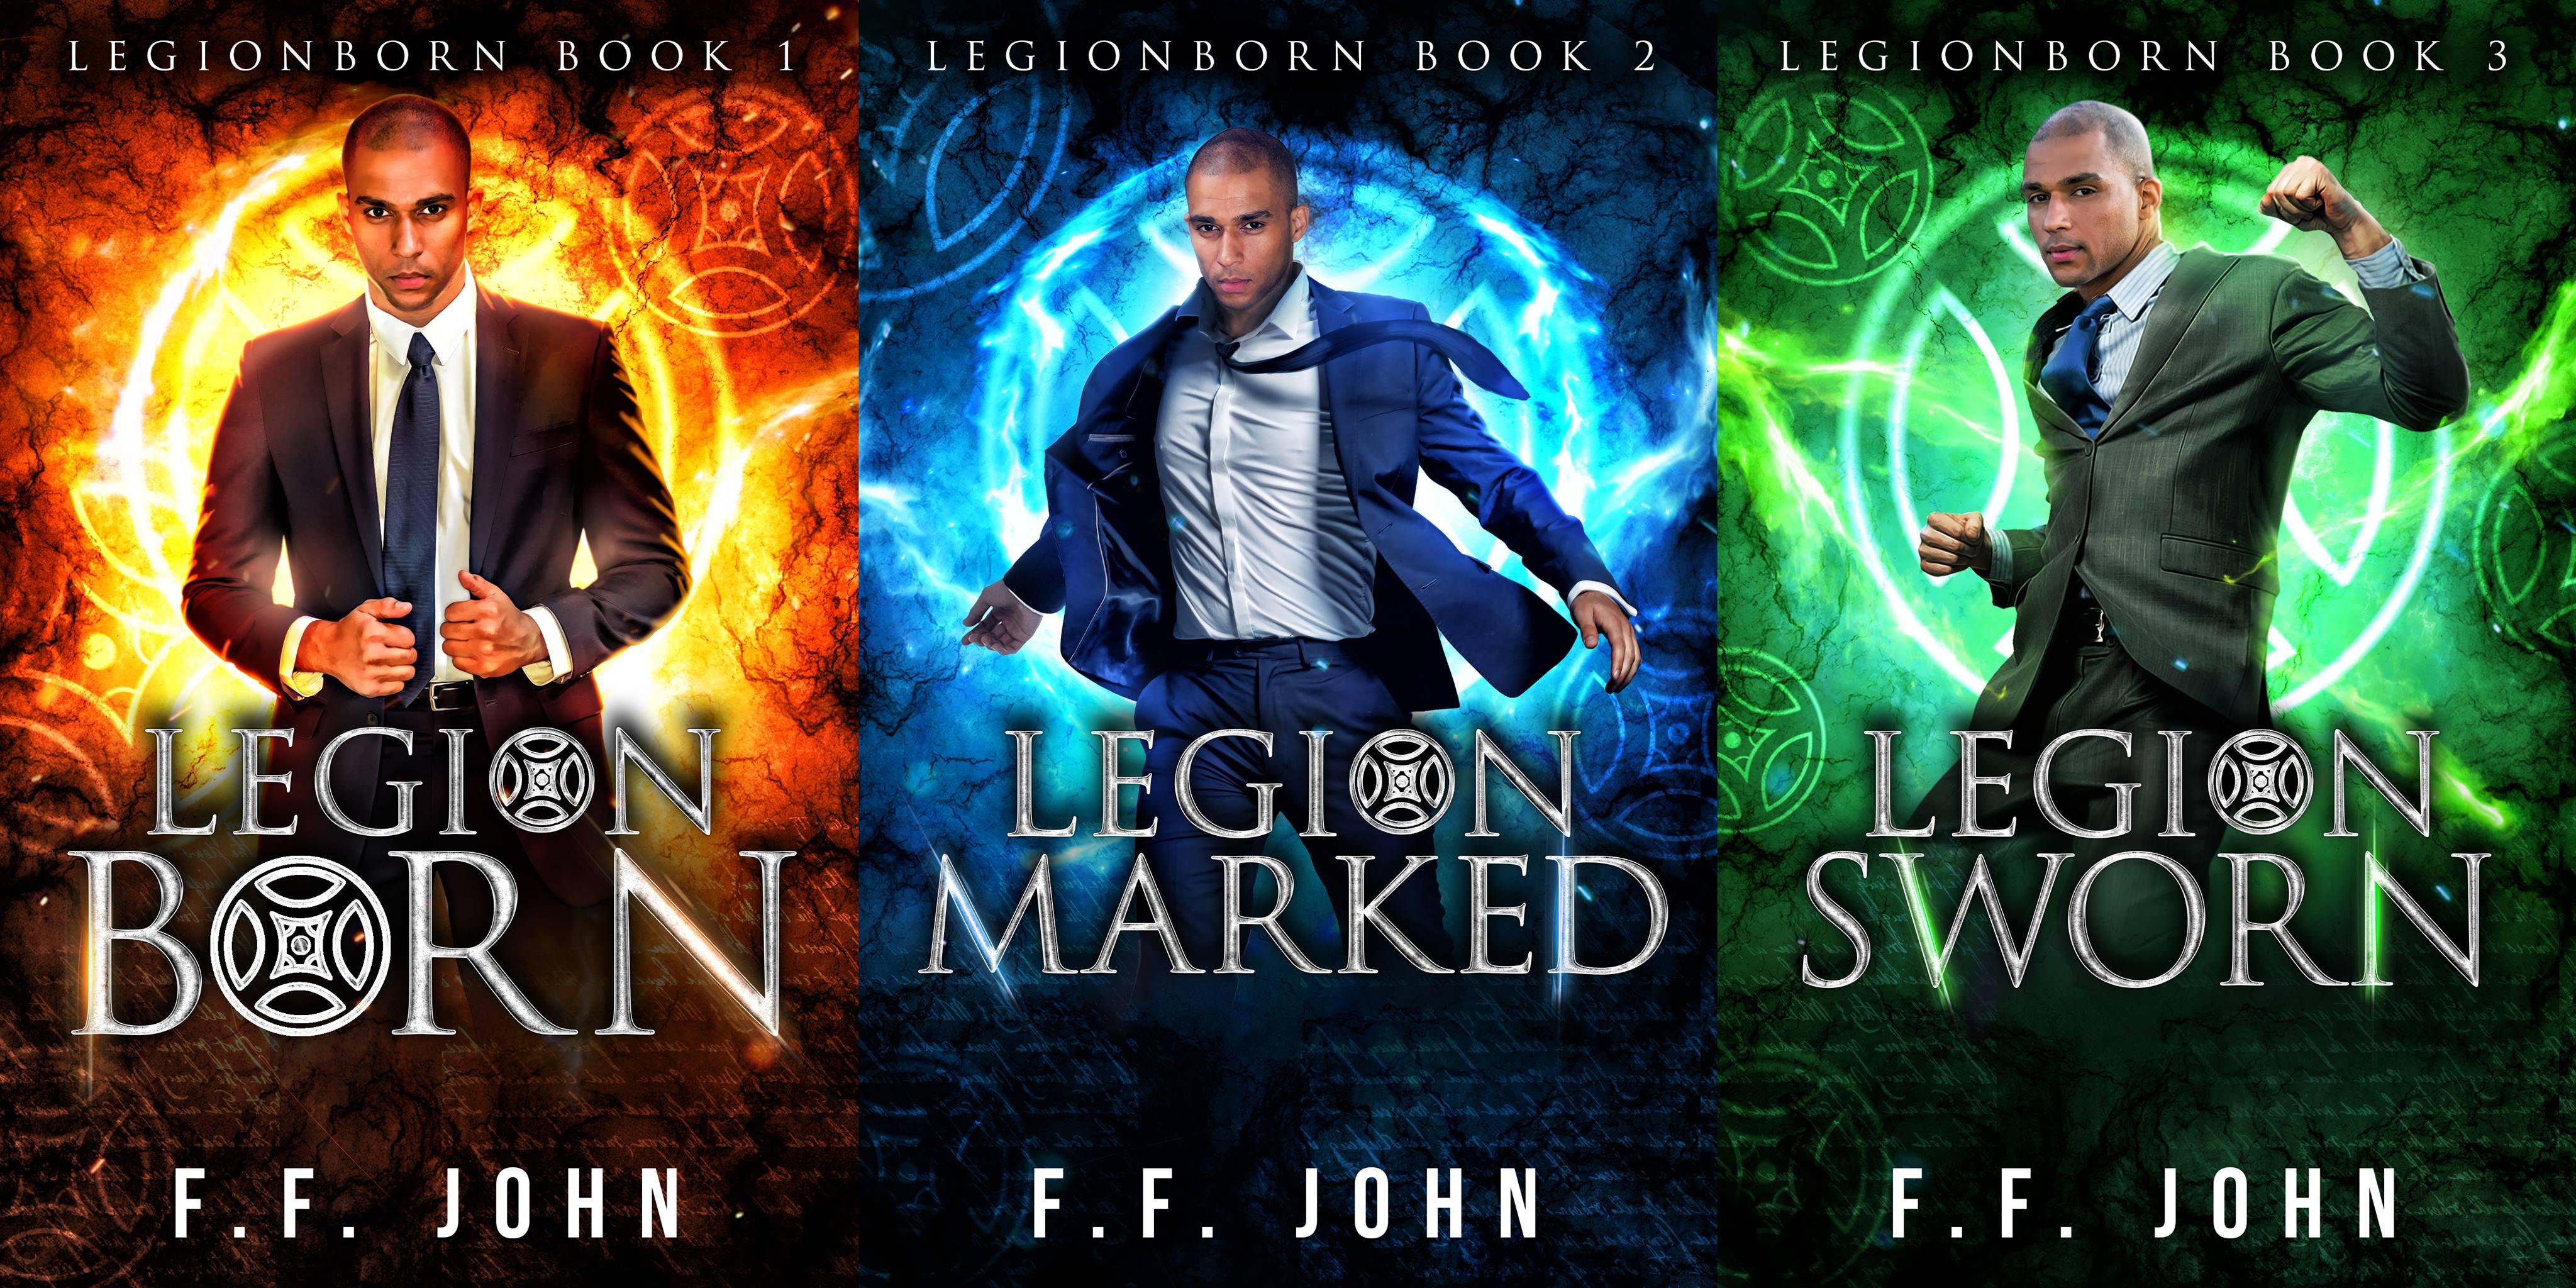 LegionBorn LegionMarked LegionSworn cover ad 4096x2098